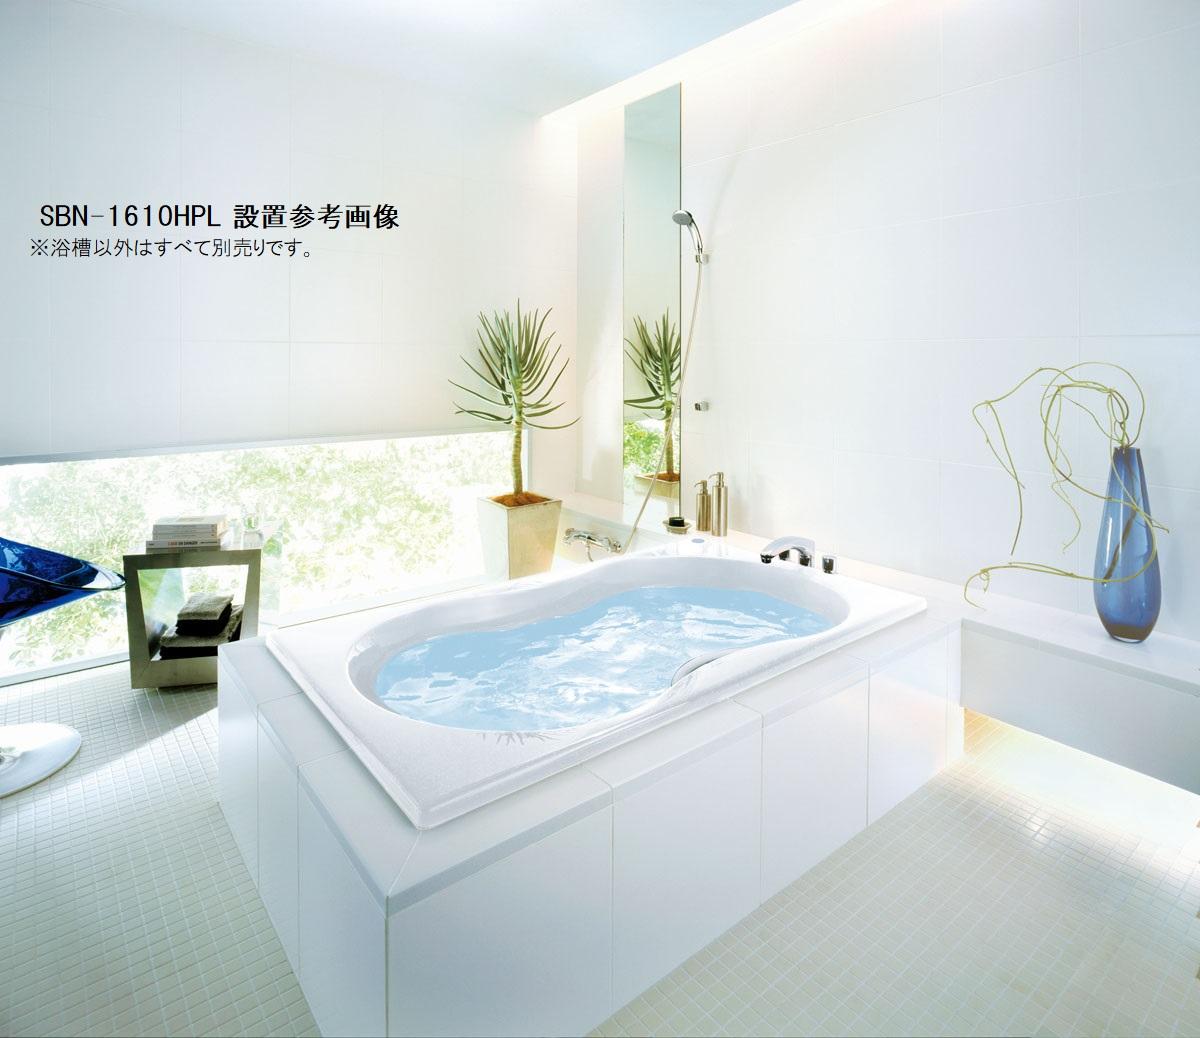 INAX イデアトーン浴槽バスタブ SBN-1610HP 【1600サイズ】【エプロンなし】【ベンチ付タイプ】【メーカー直送品】